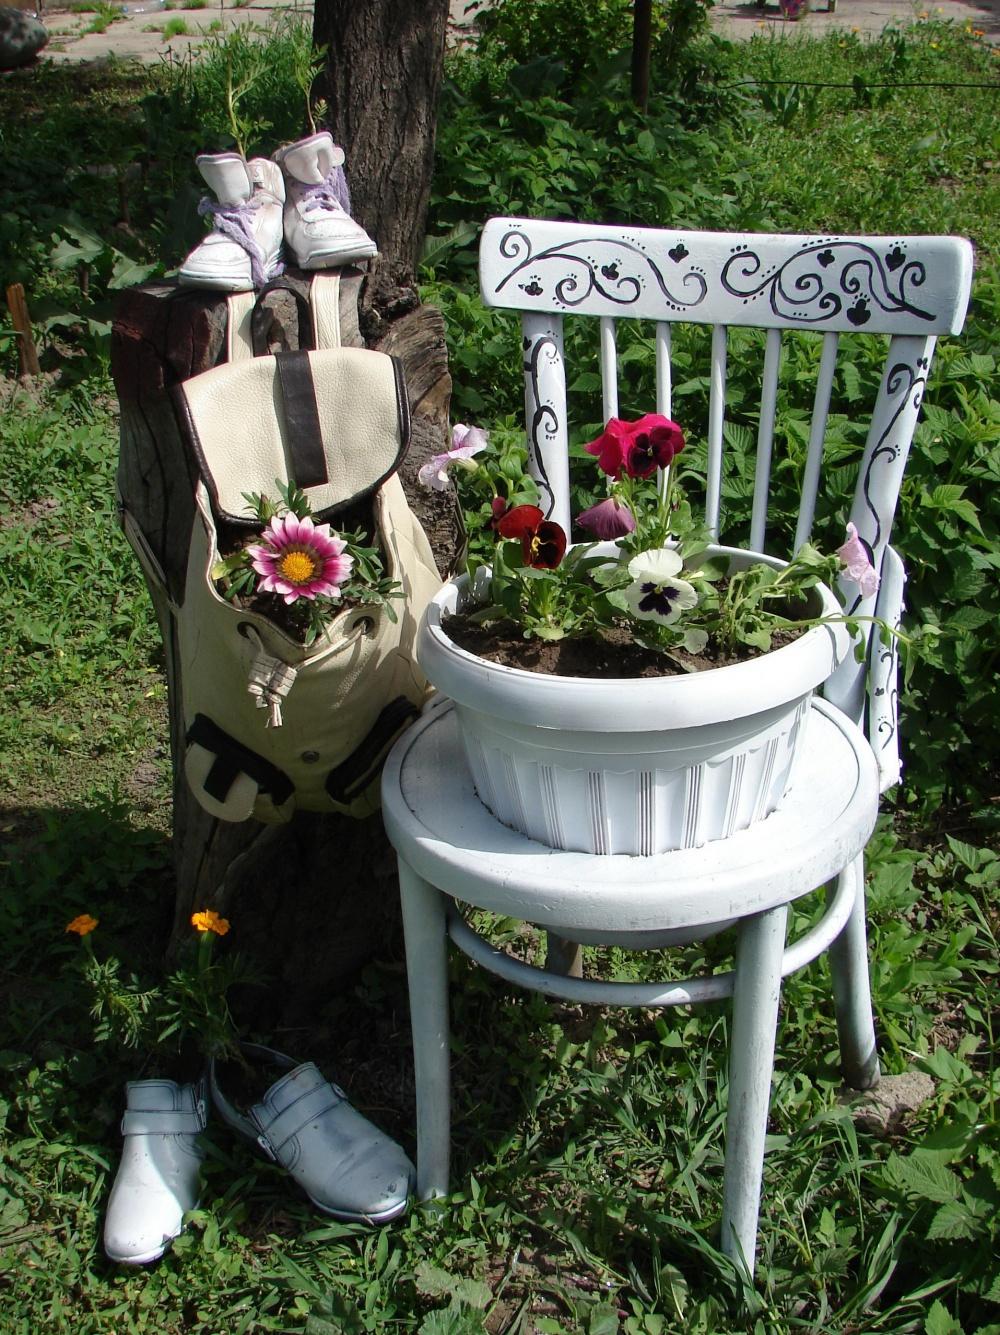 Композиция из стула, рюкзака и старой обуви